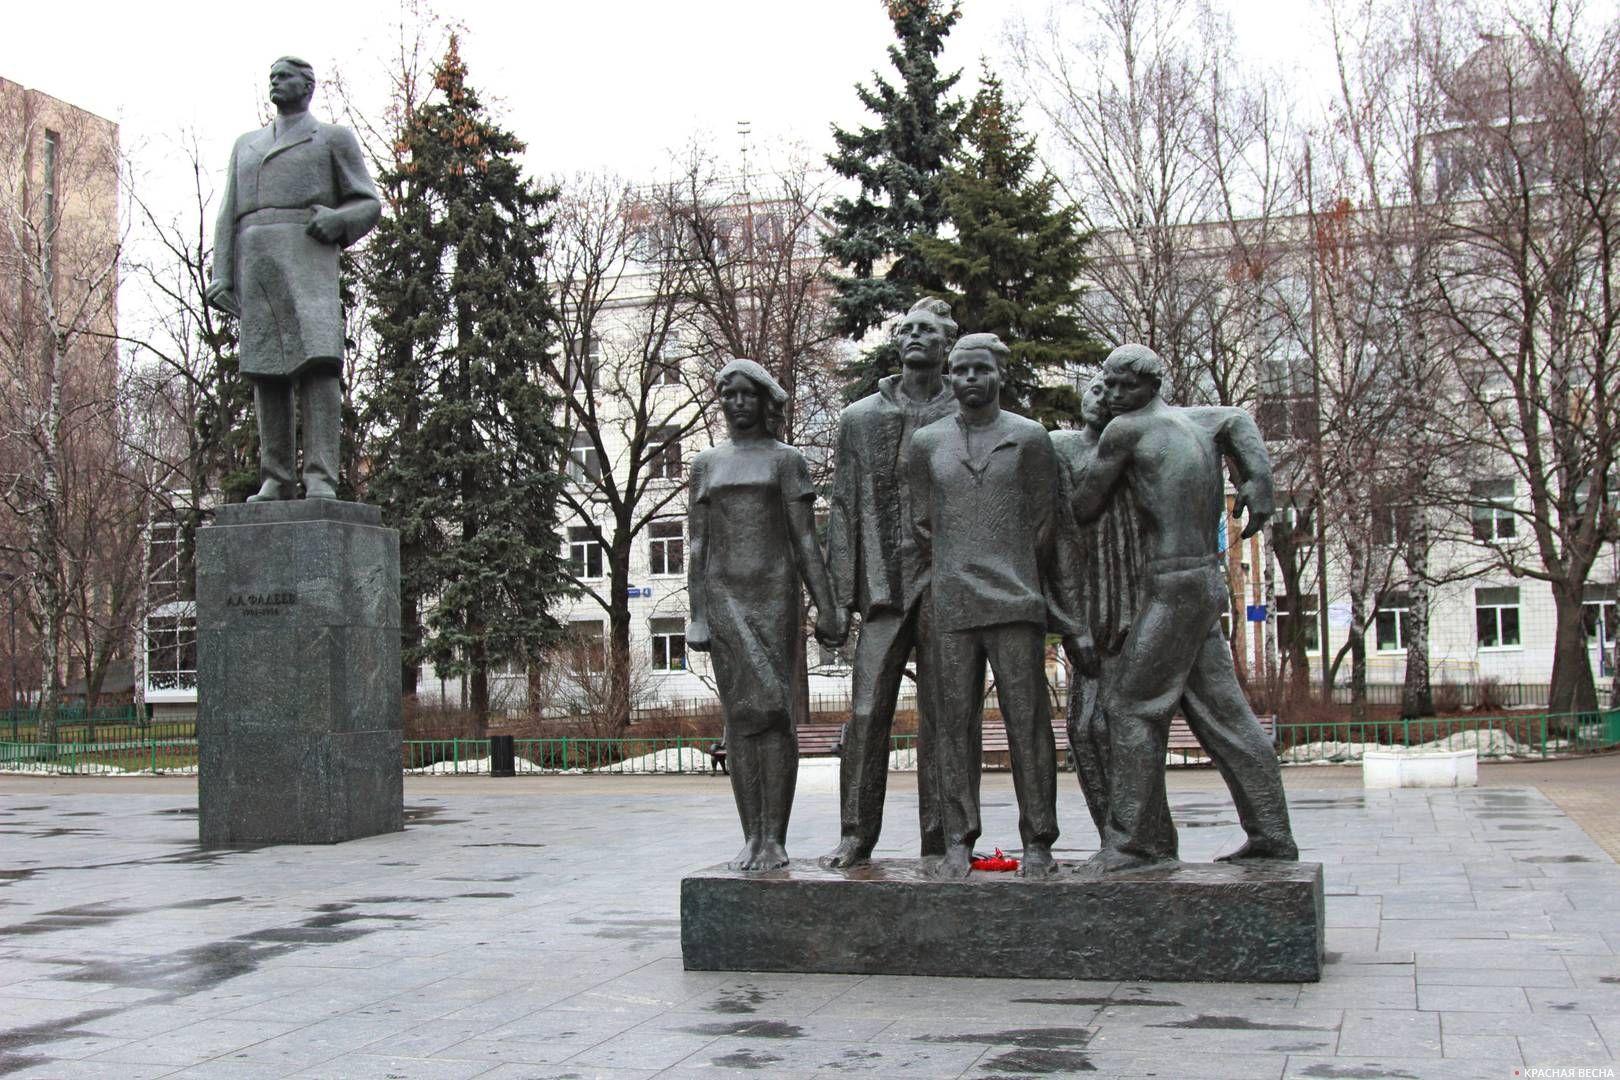 20200129_19-11-Чиновники против семьи- активистам не дают проводить пикеты в Москве-pic8